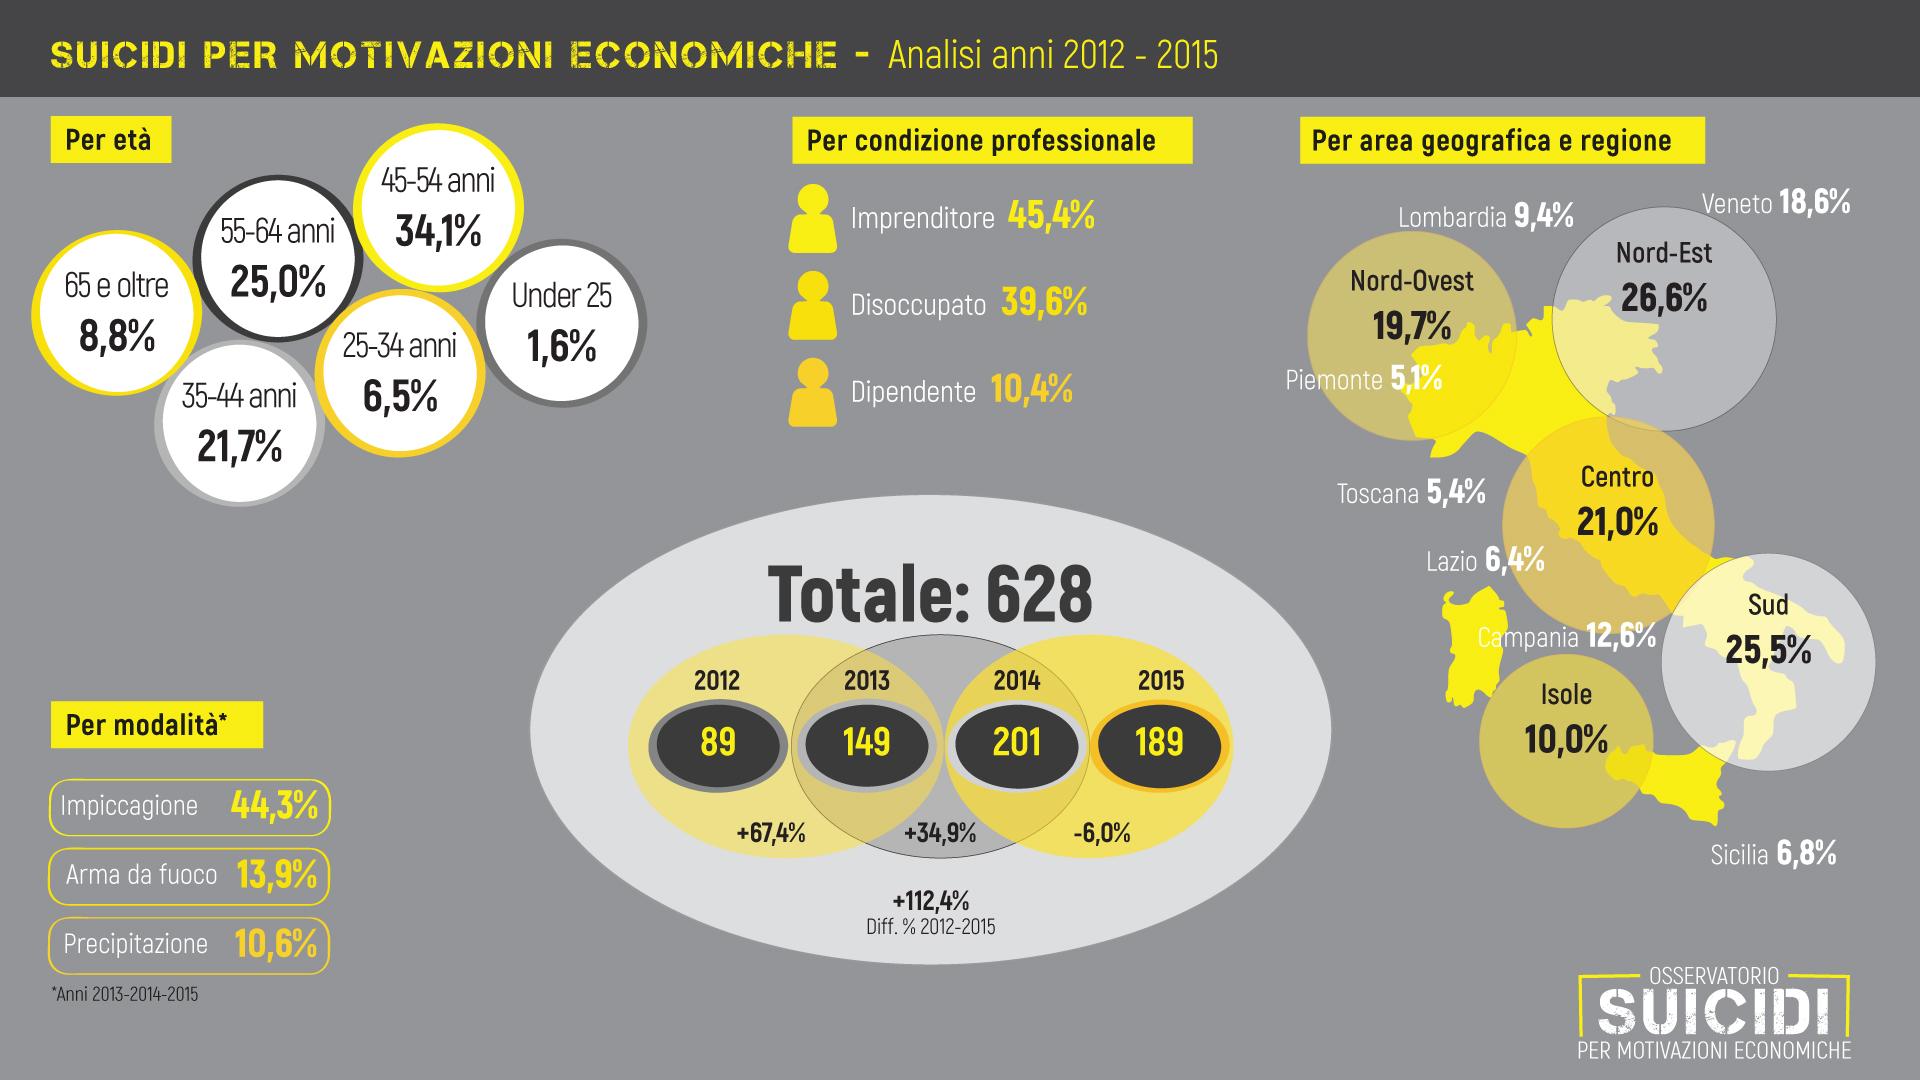 Suicidi-2012-2015